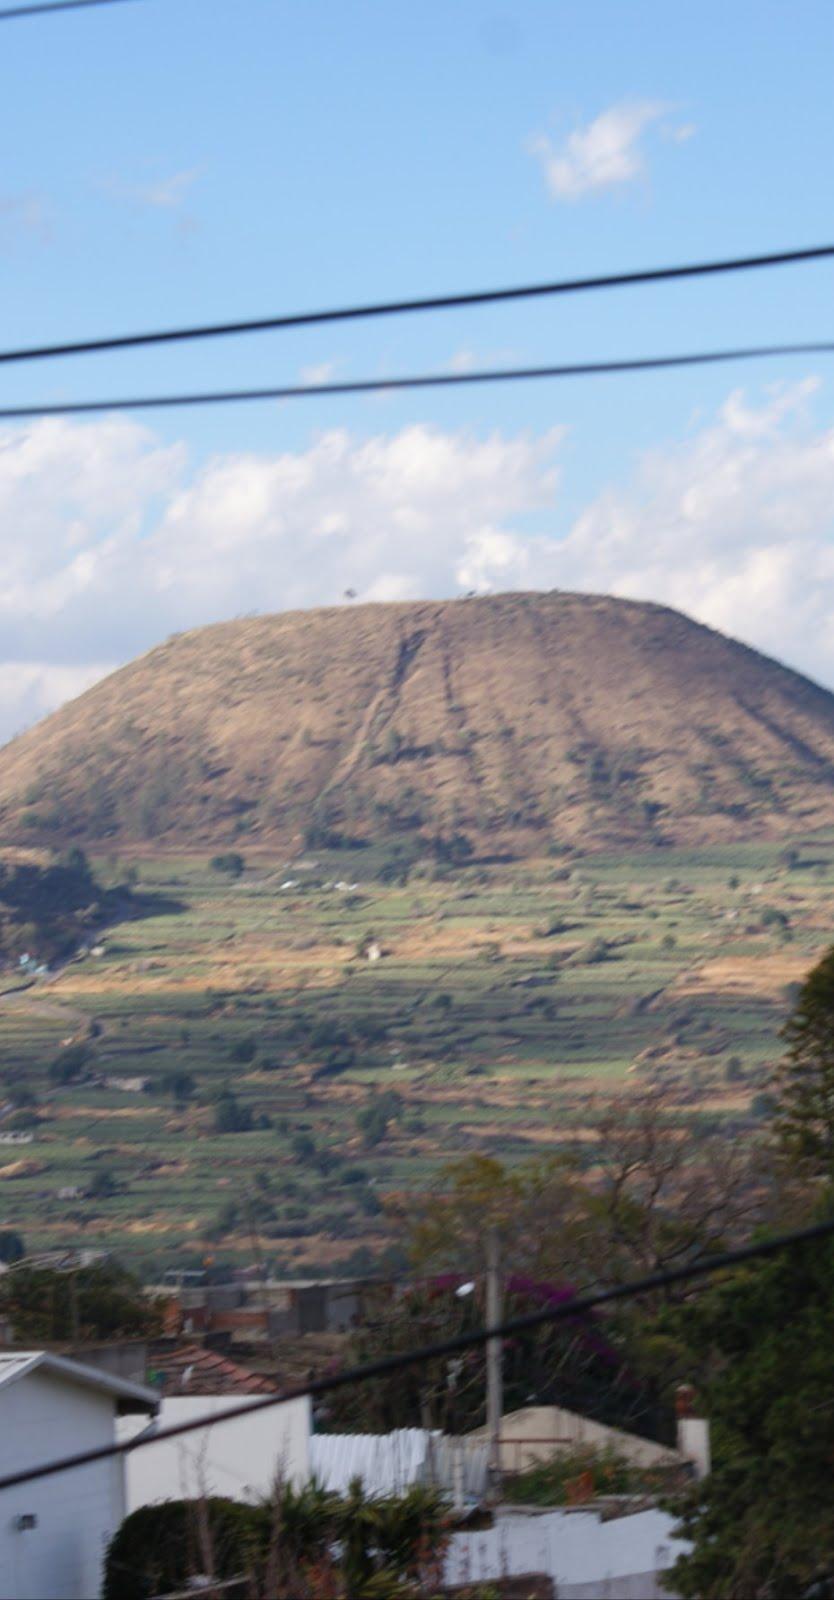 El encendido místico del fuego en el cráter del Teuhtli